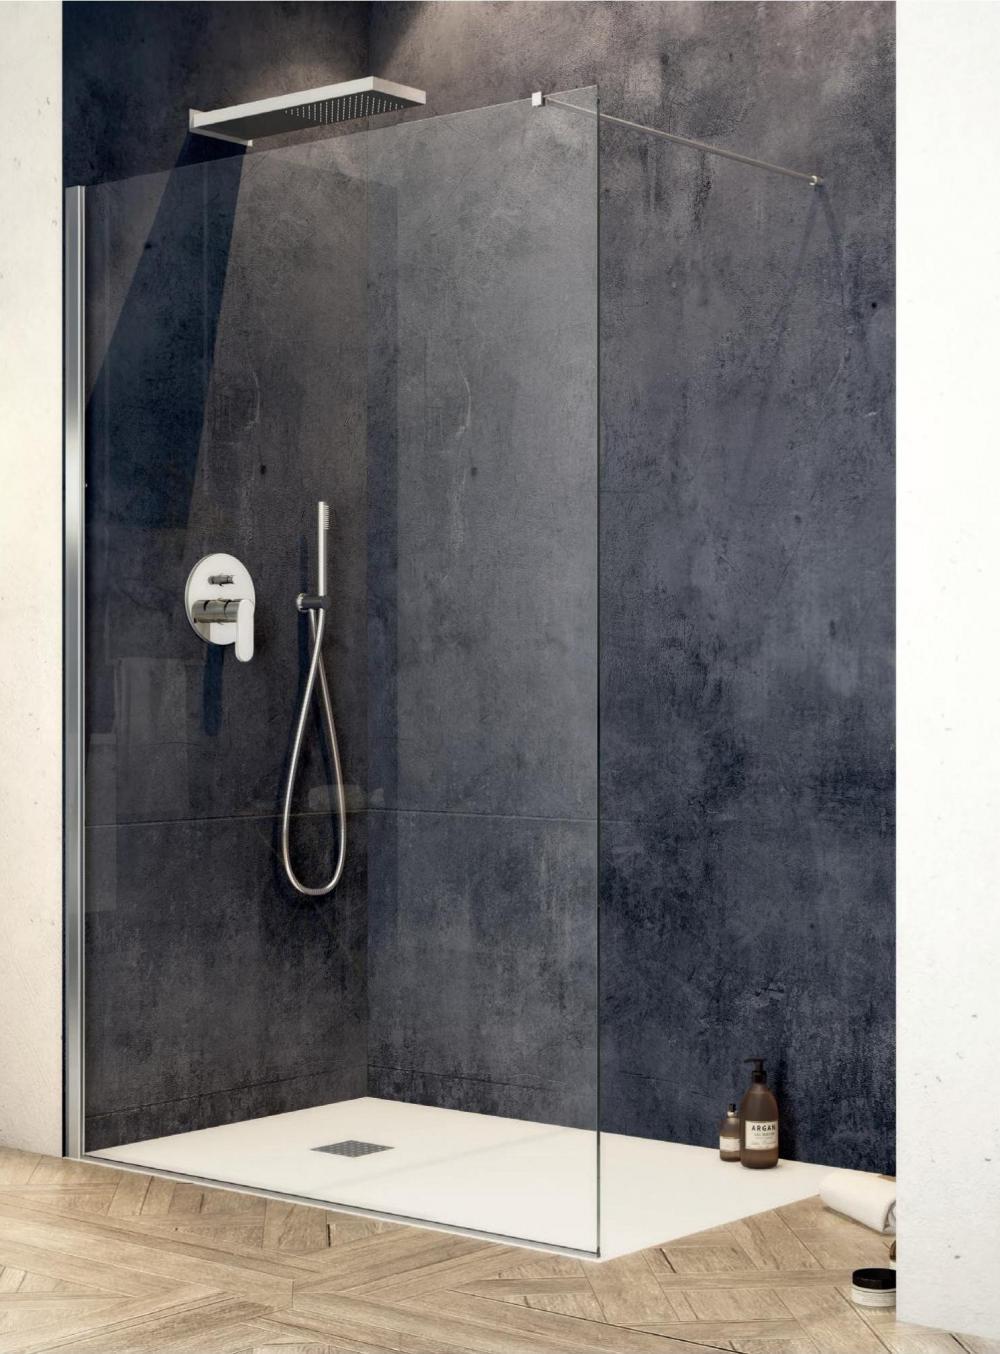 Kit sol 2 fornitura completa bagno arredobagno sanitari - Rubinetto chiusura acqua bagno ...